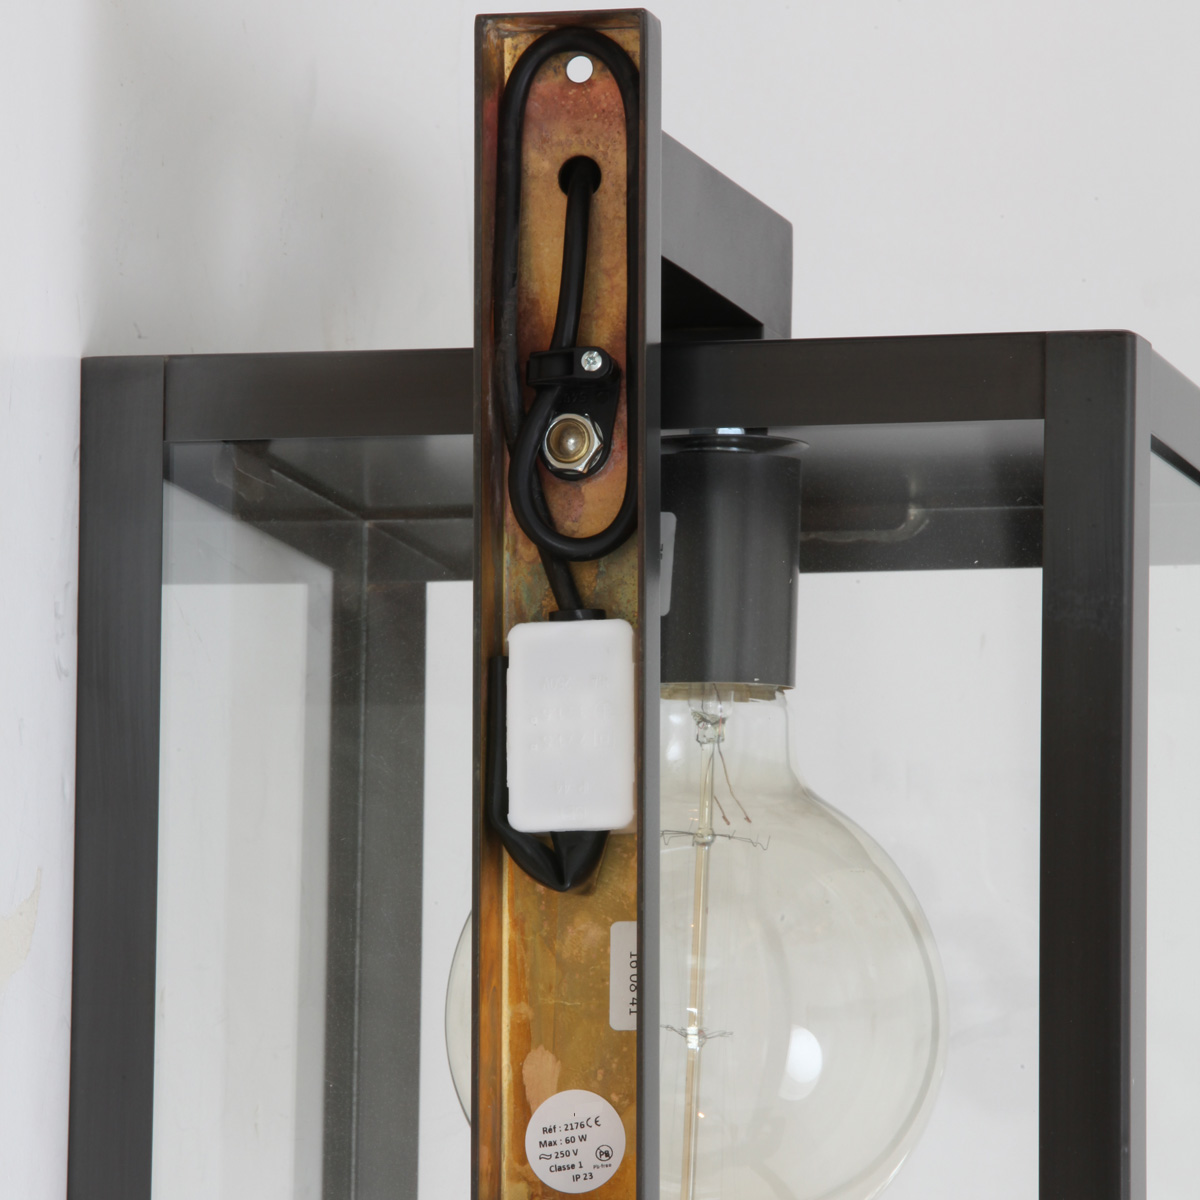 gro e art d co leuchte f r au en bellecour gm terra lumi. Black Bedroom Furniture Sets. Home Design Ideas